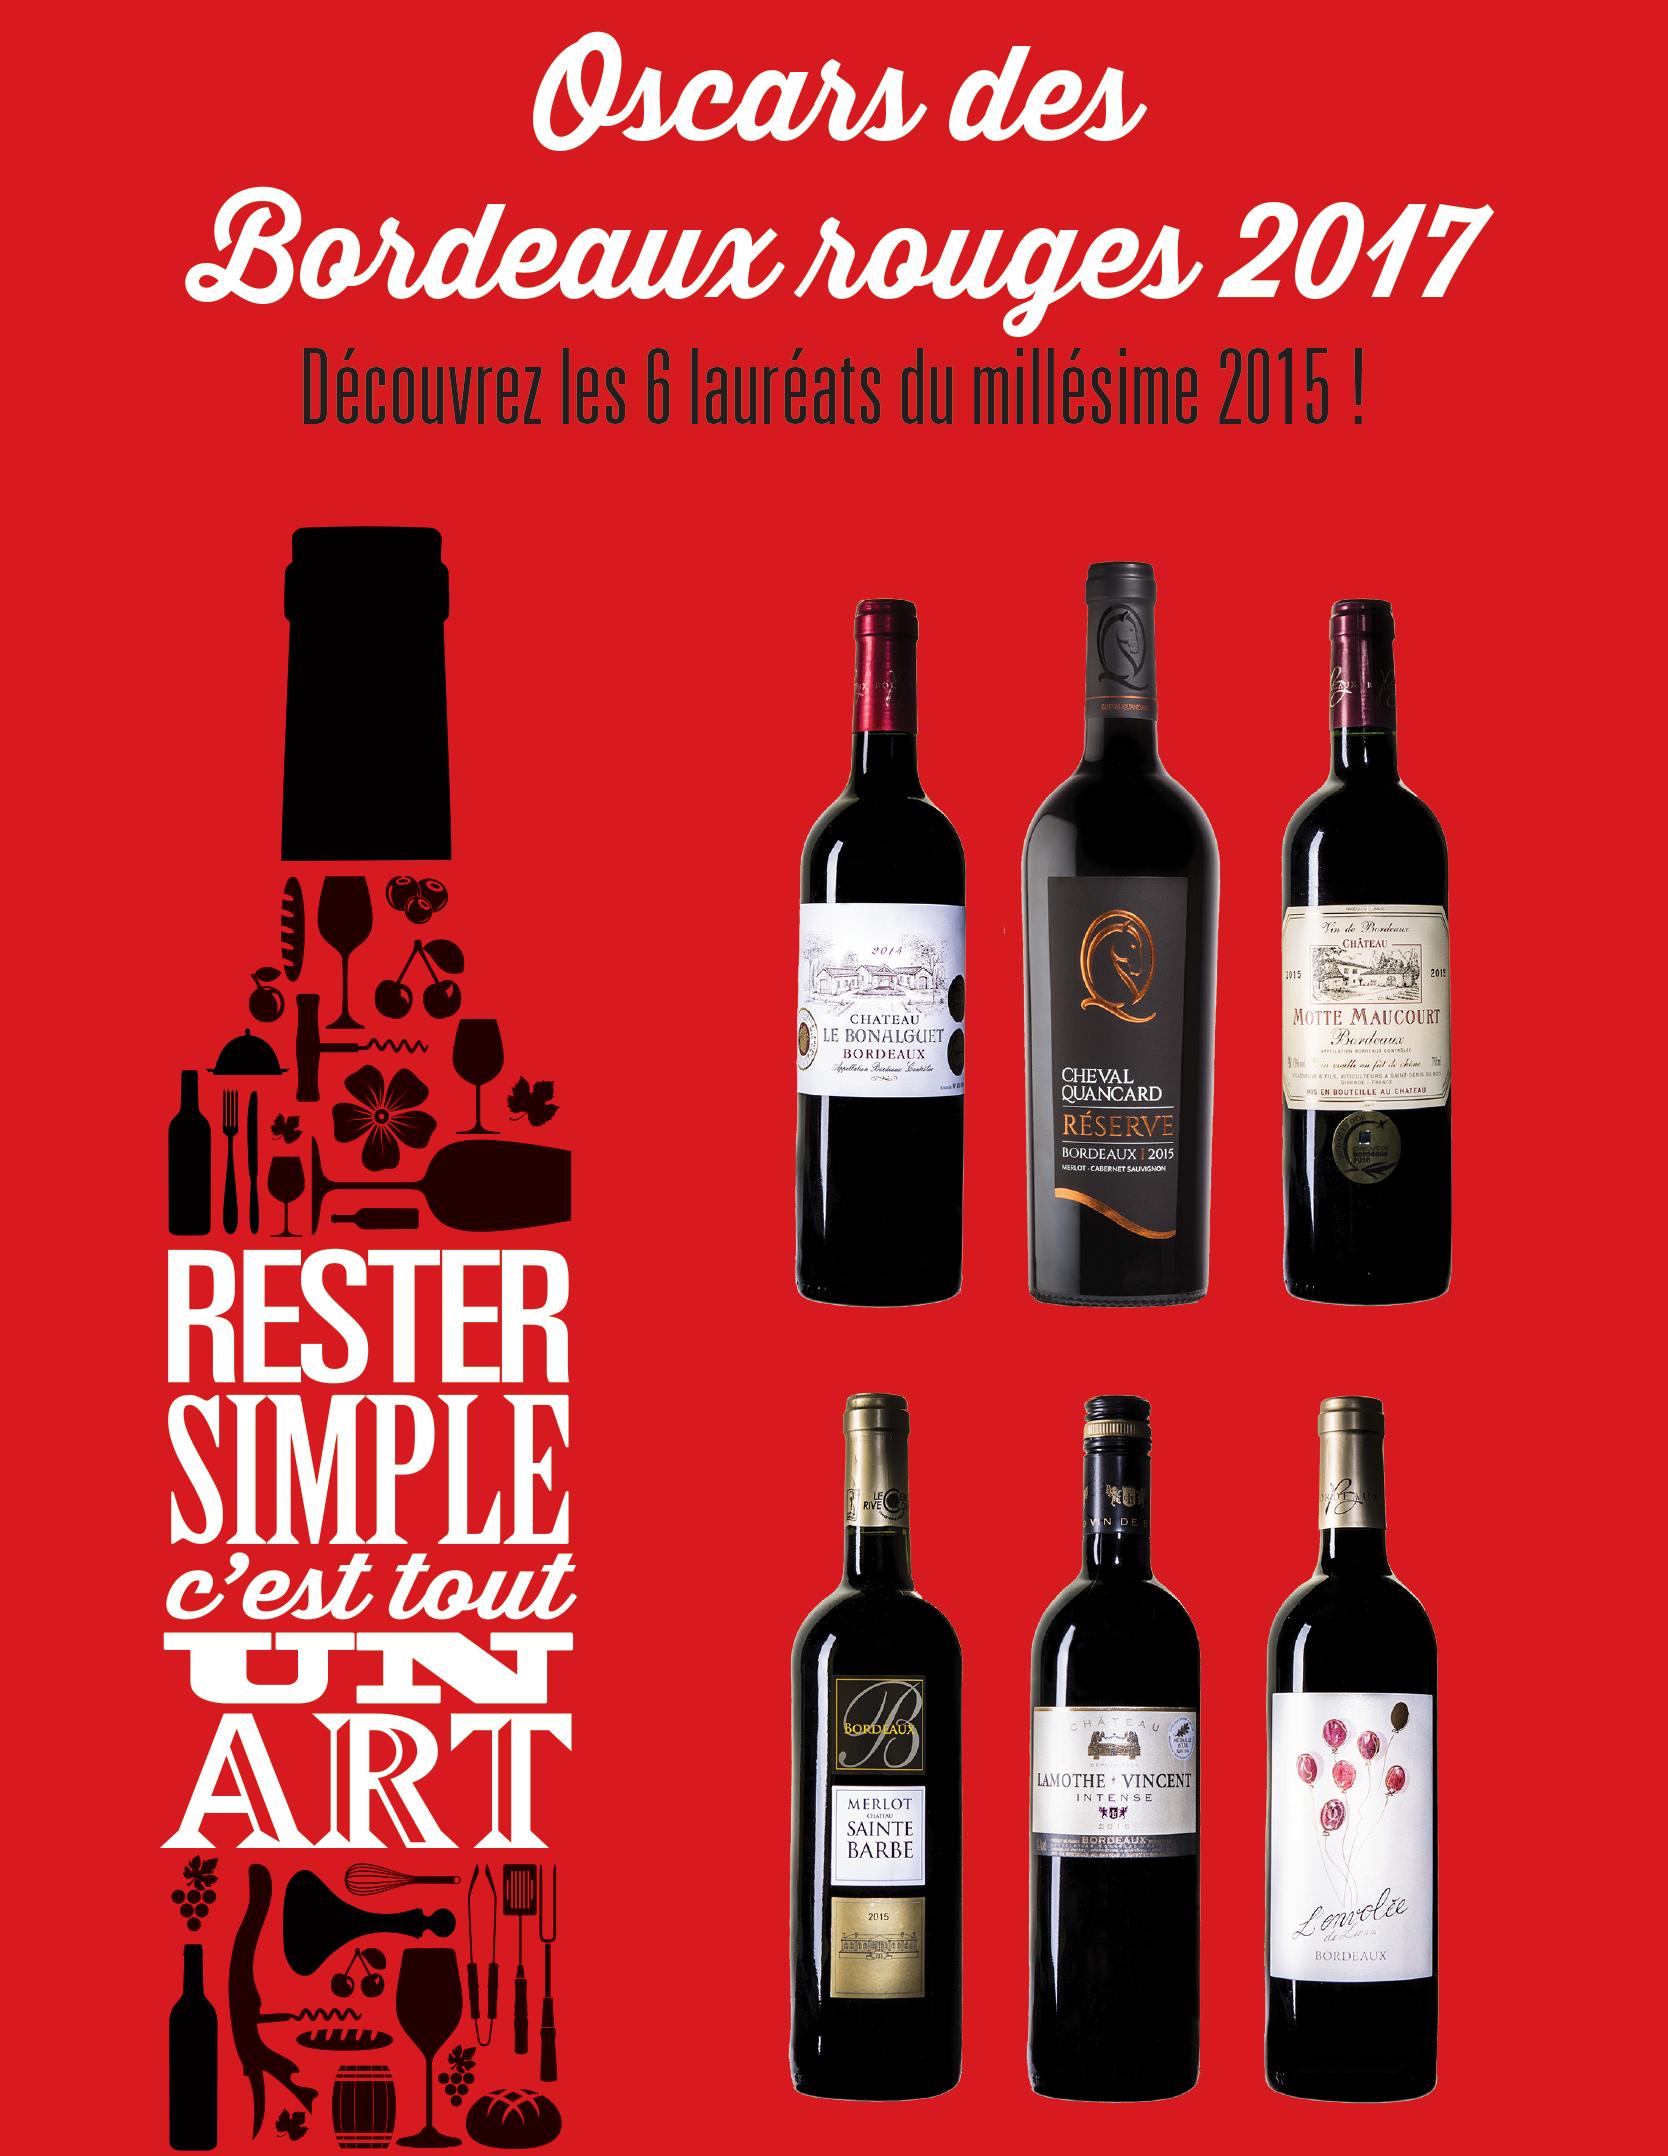 Oscars des Bordeaux rouge 2017